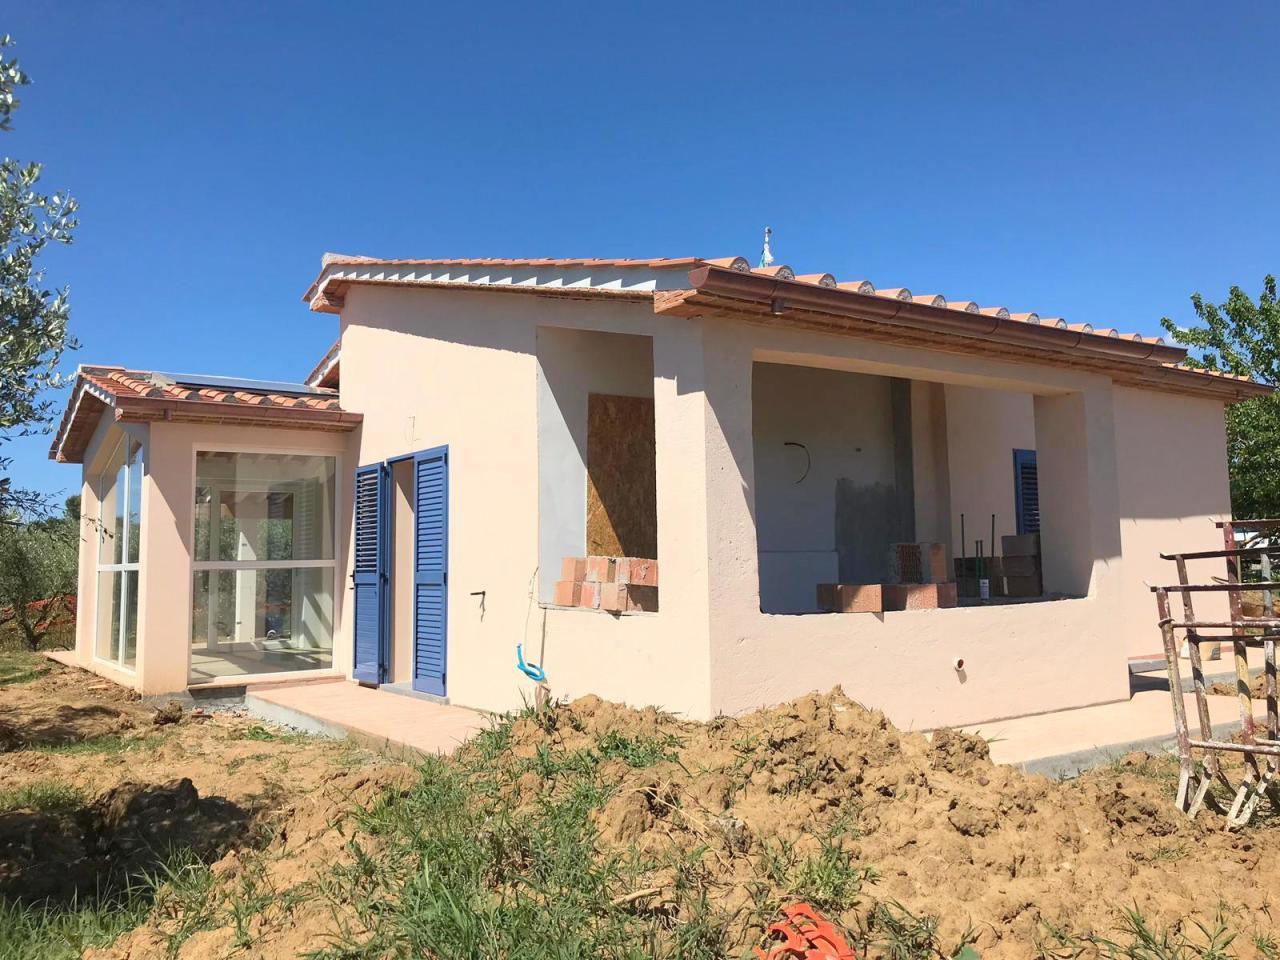 Terreno Edificabile Residenziale in vendita a Bibbona, 4 locali, prezzo € 115.000 | CambioCasa.it